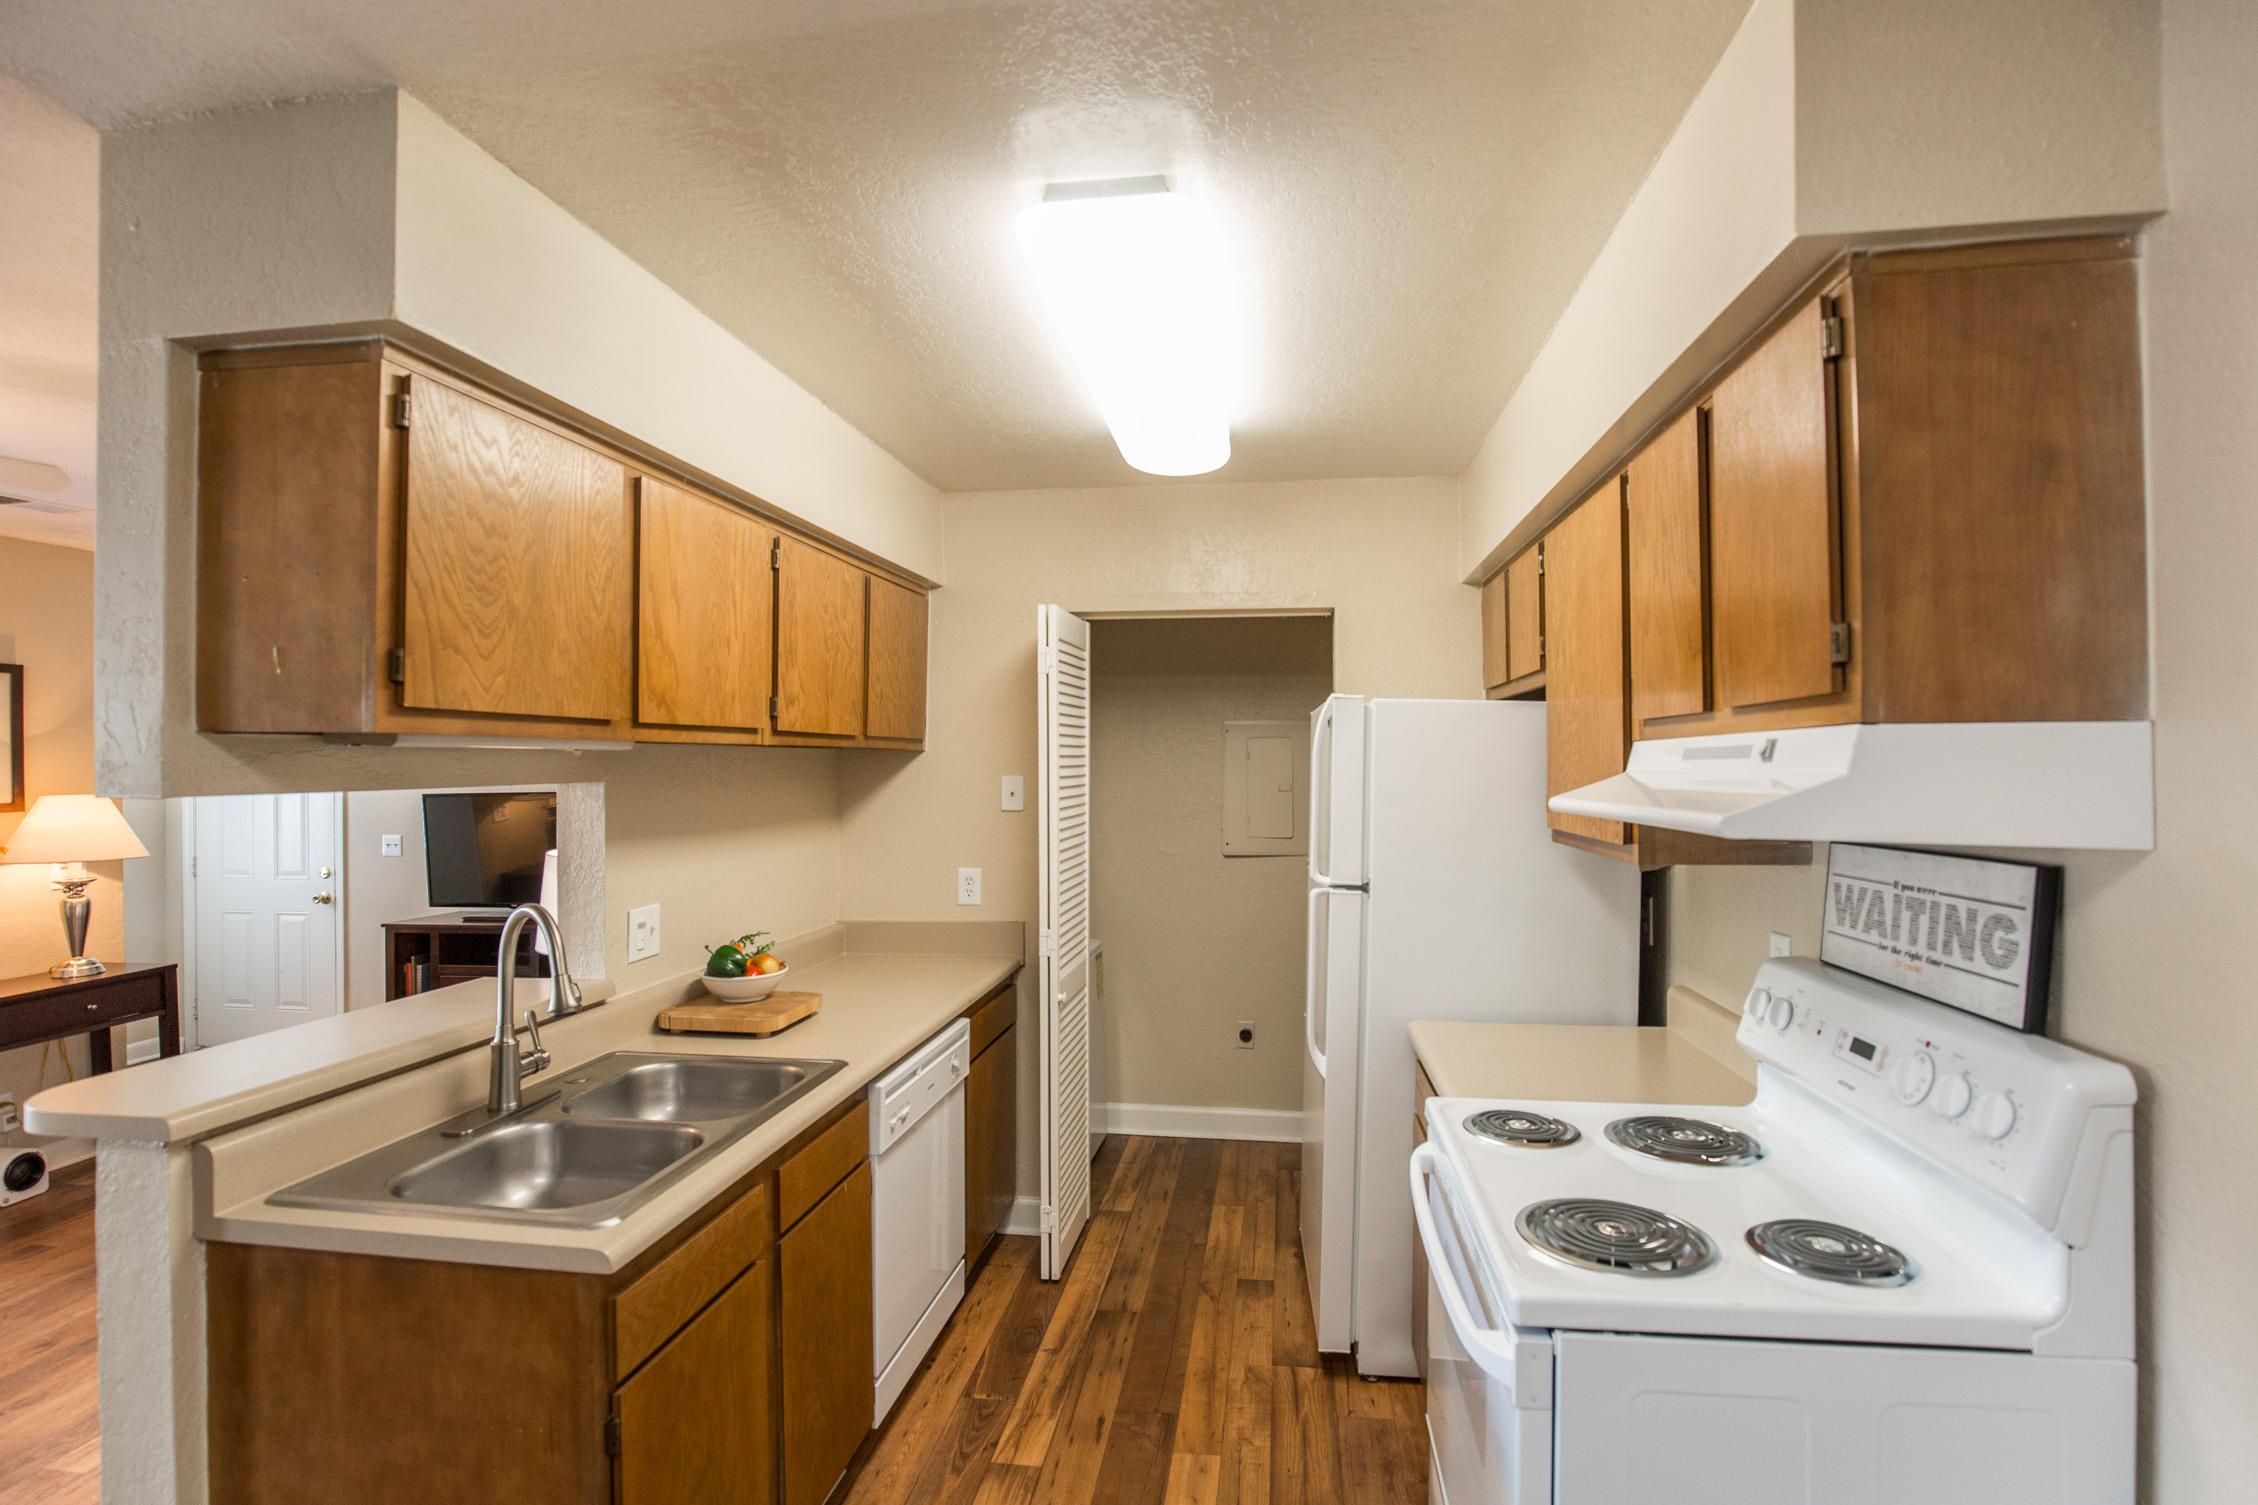 Timberlake Village Apartments image 18